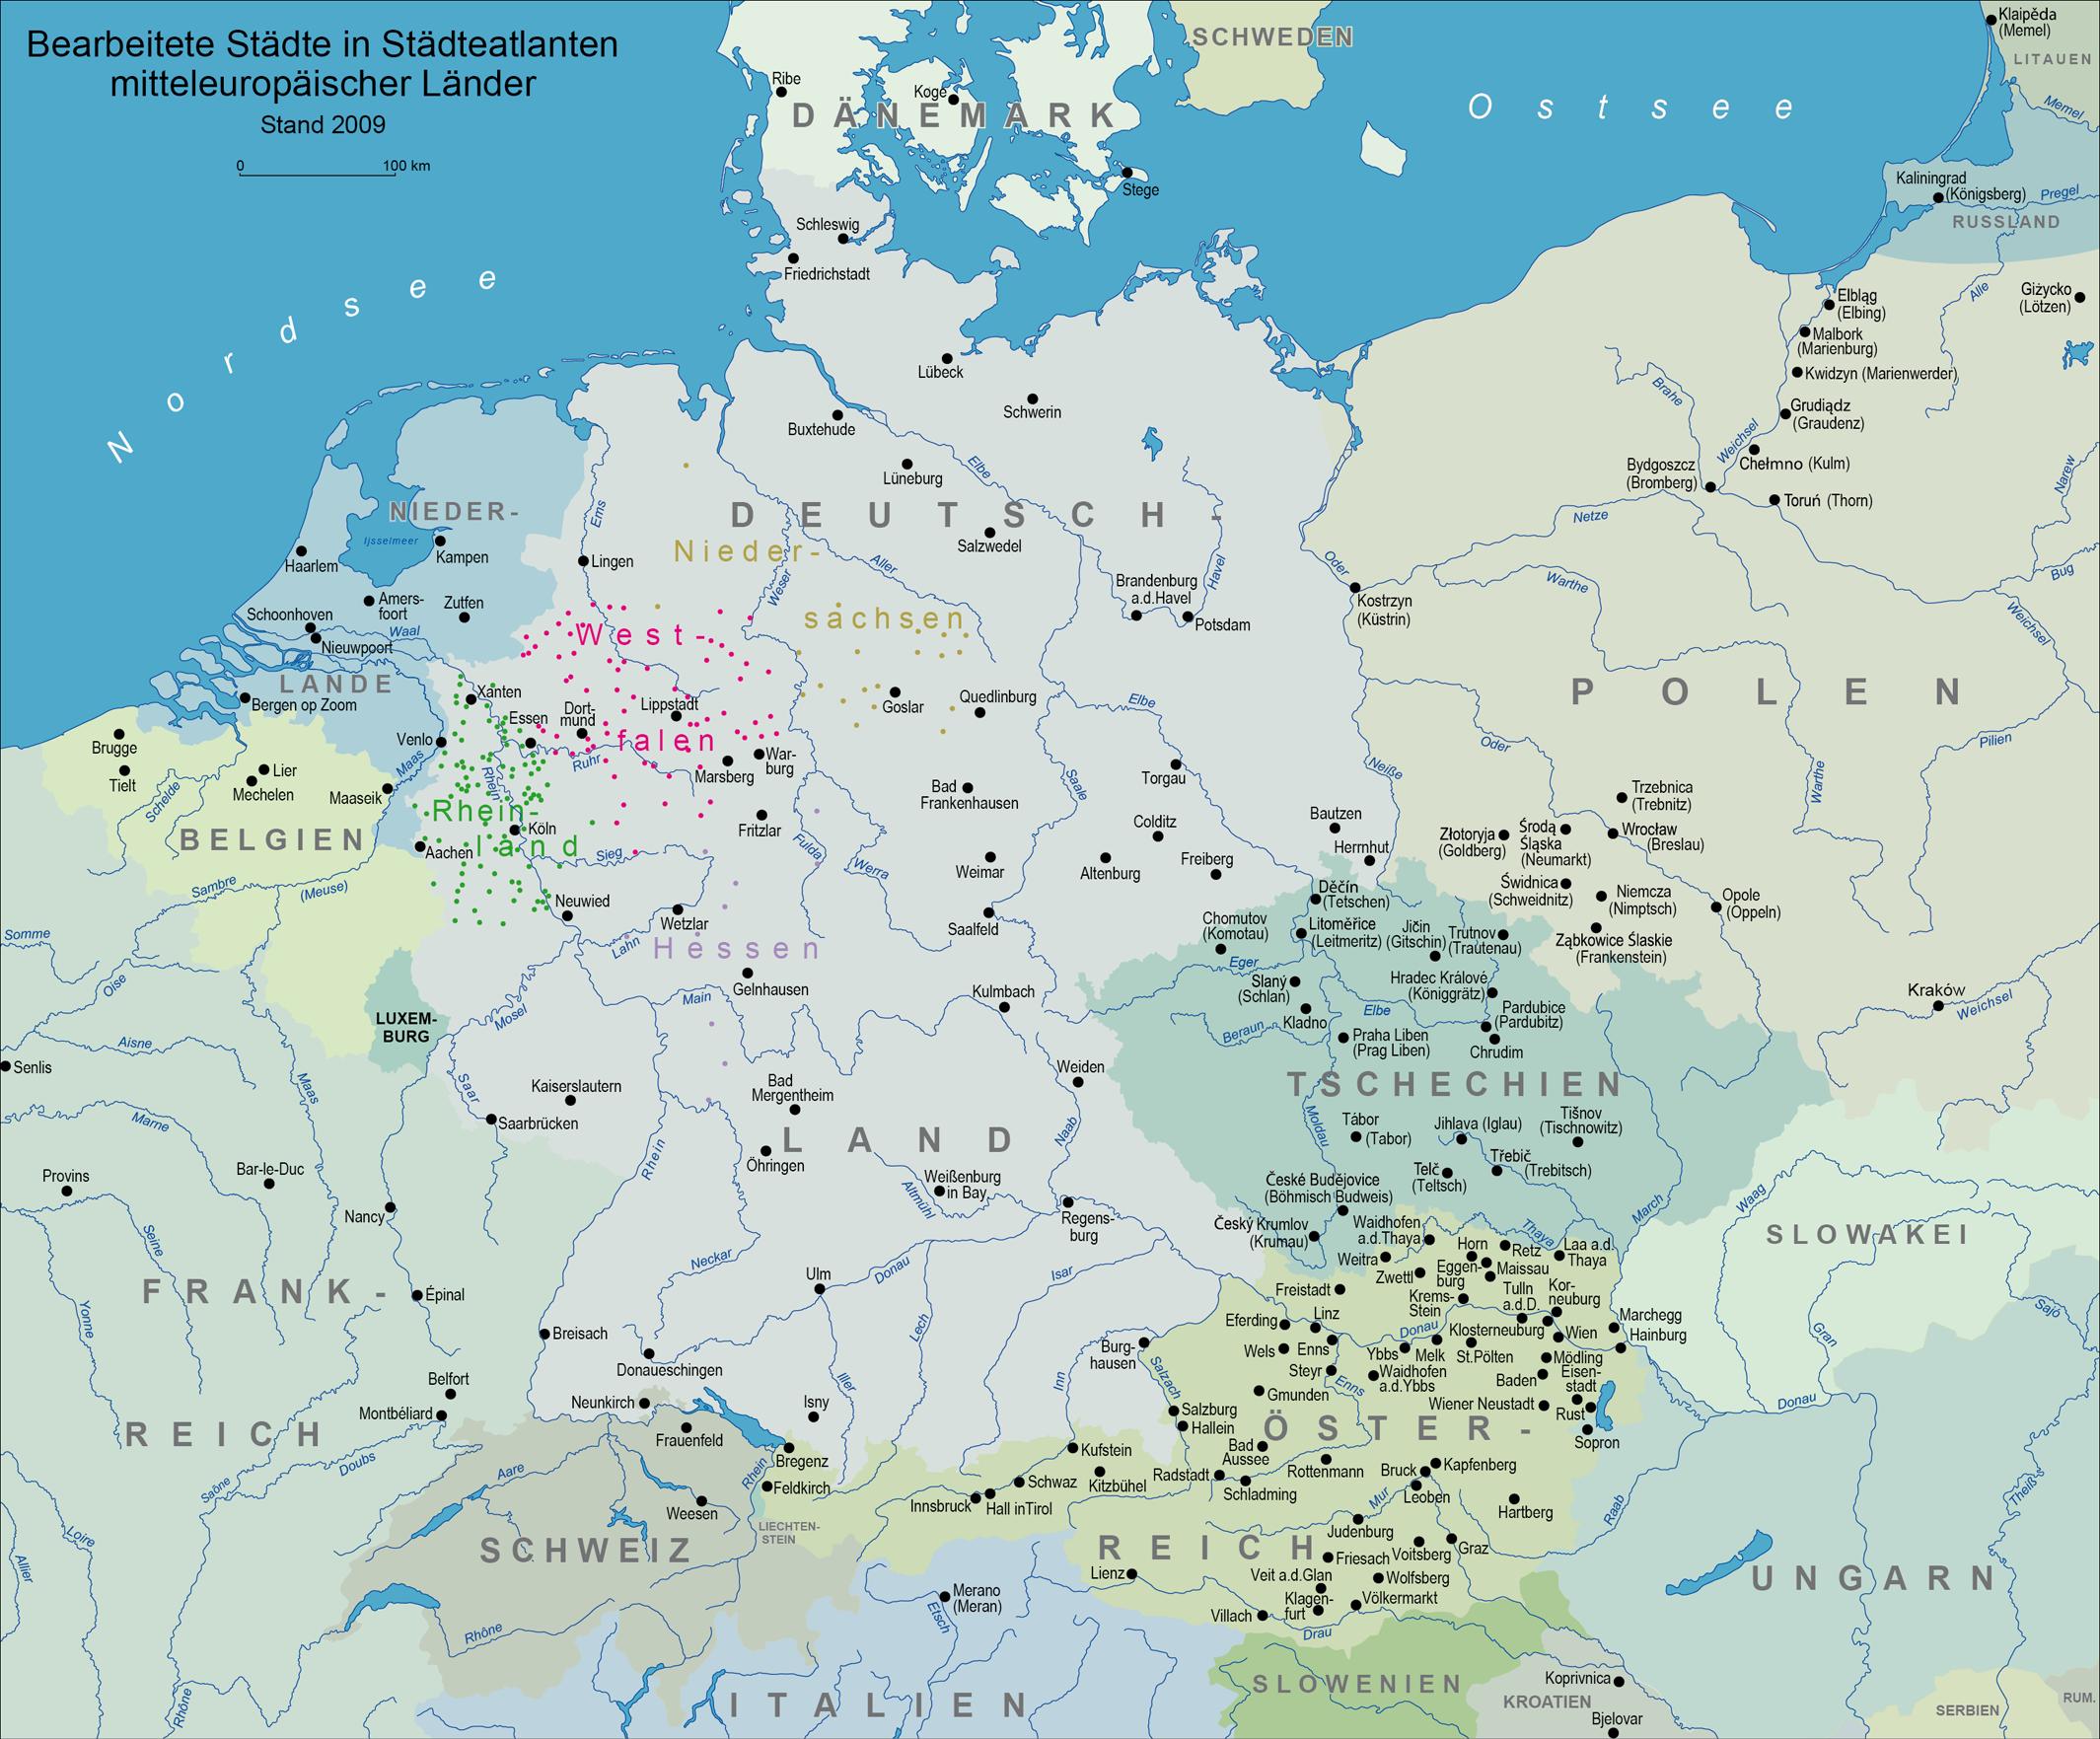 Karte Von Europa Mit Städten.Karte Europa Städte